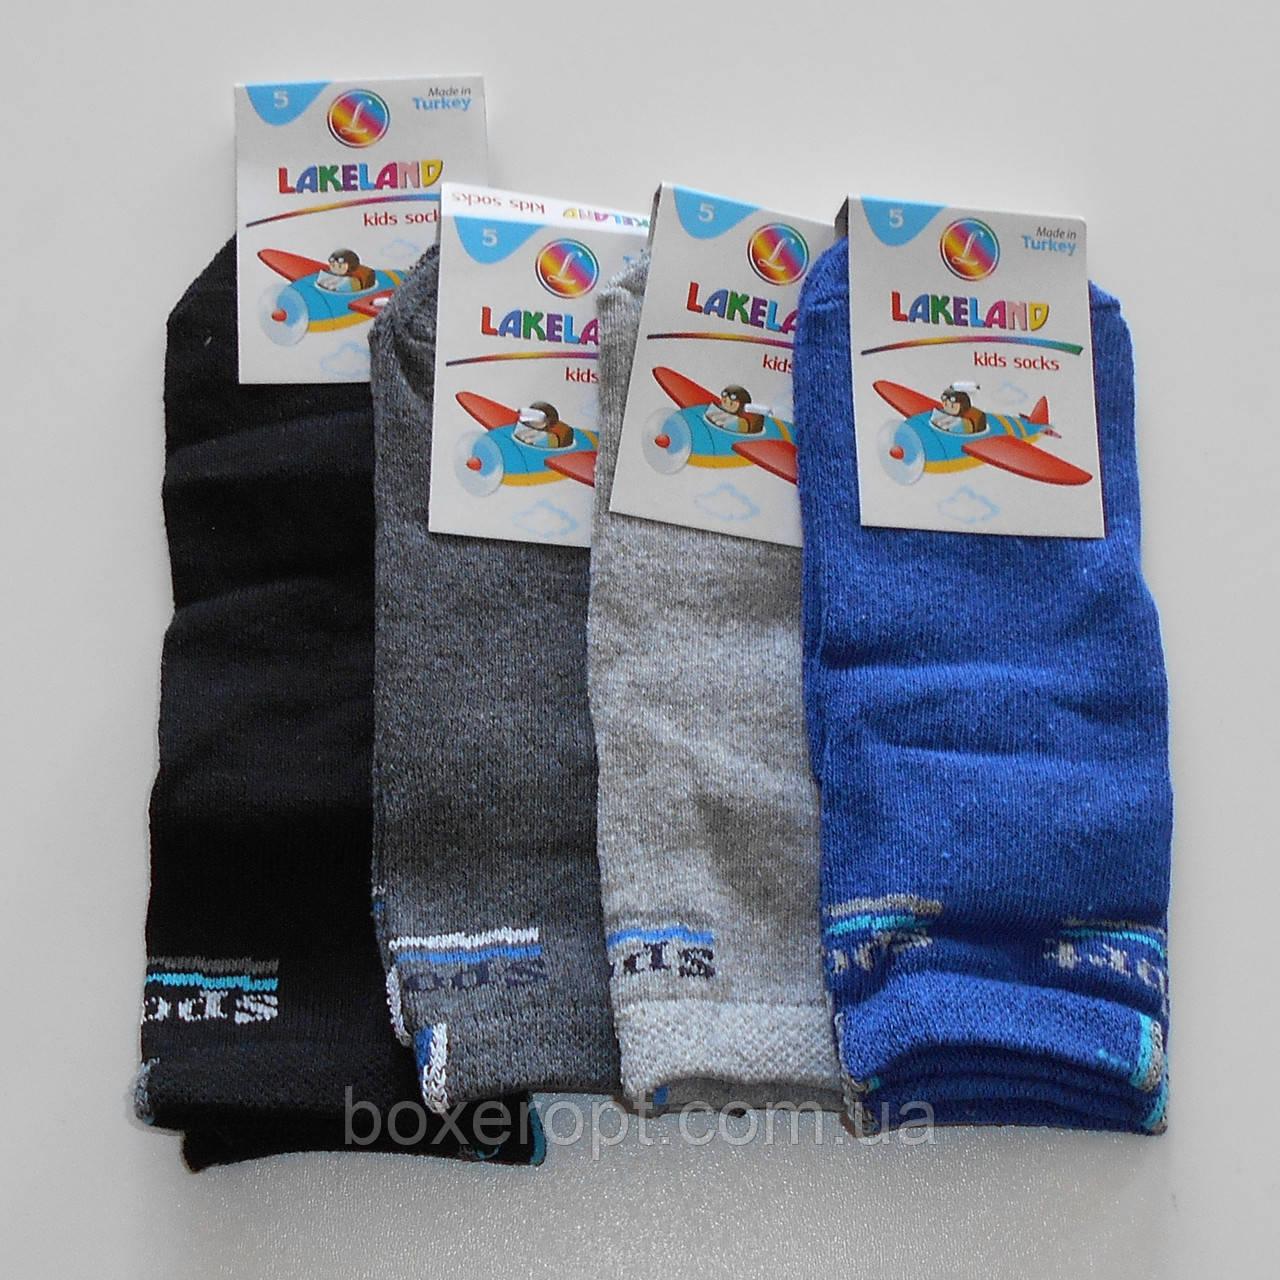 Детские носки LakeLand - 5.50 грн./пара (4-6 лет)